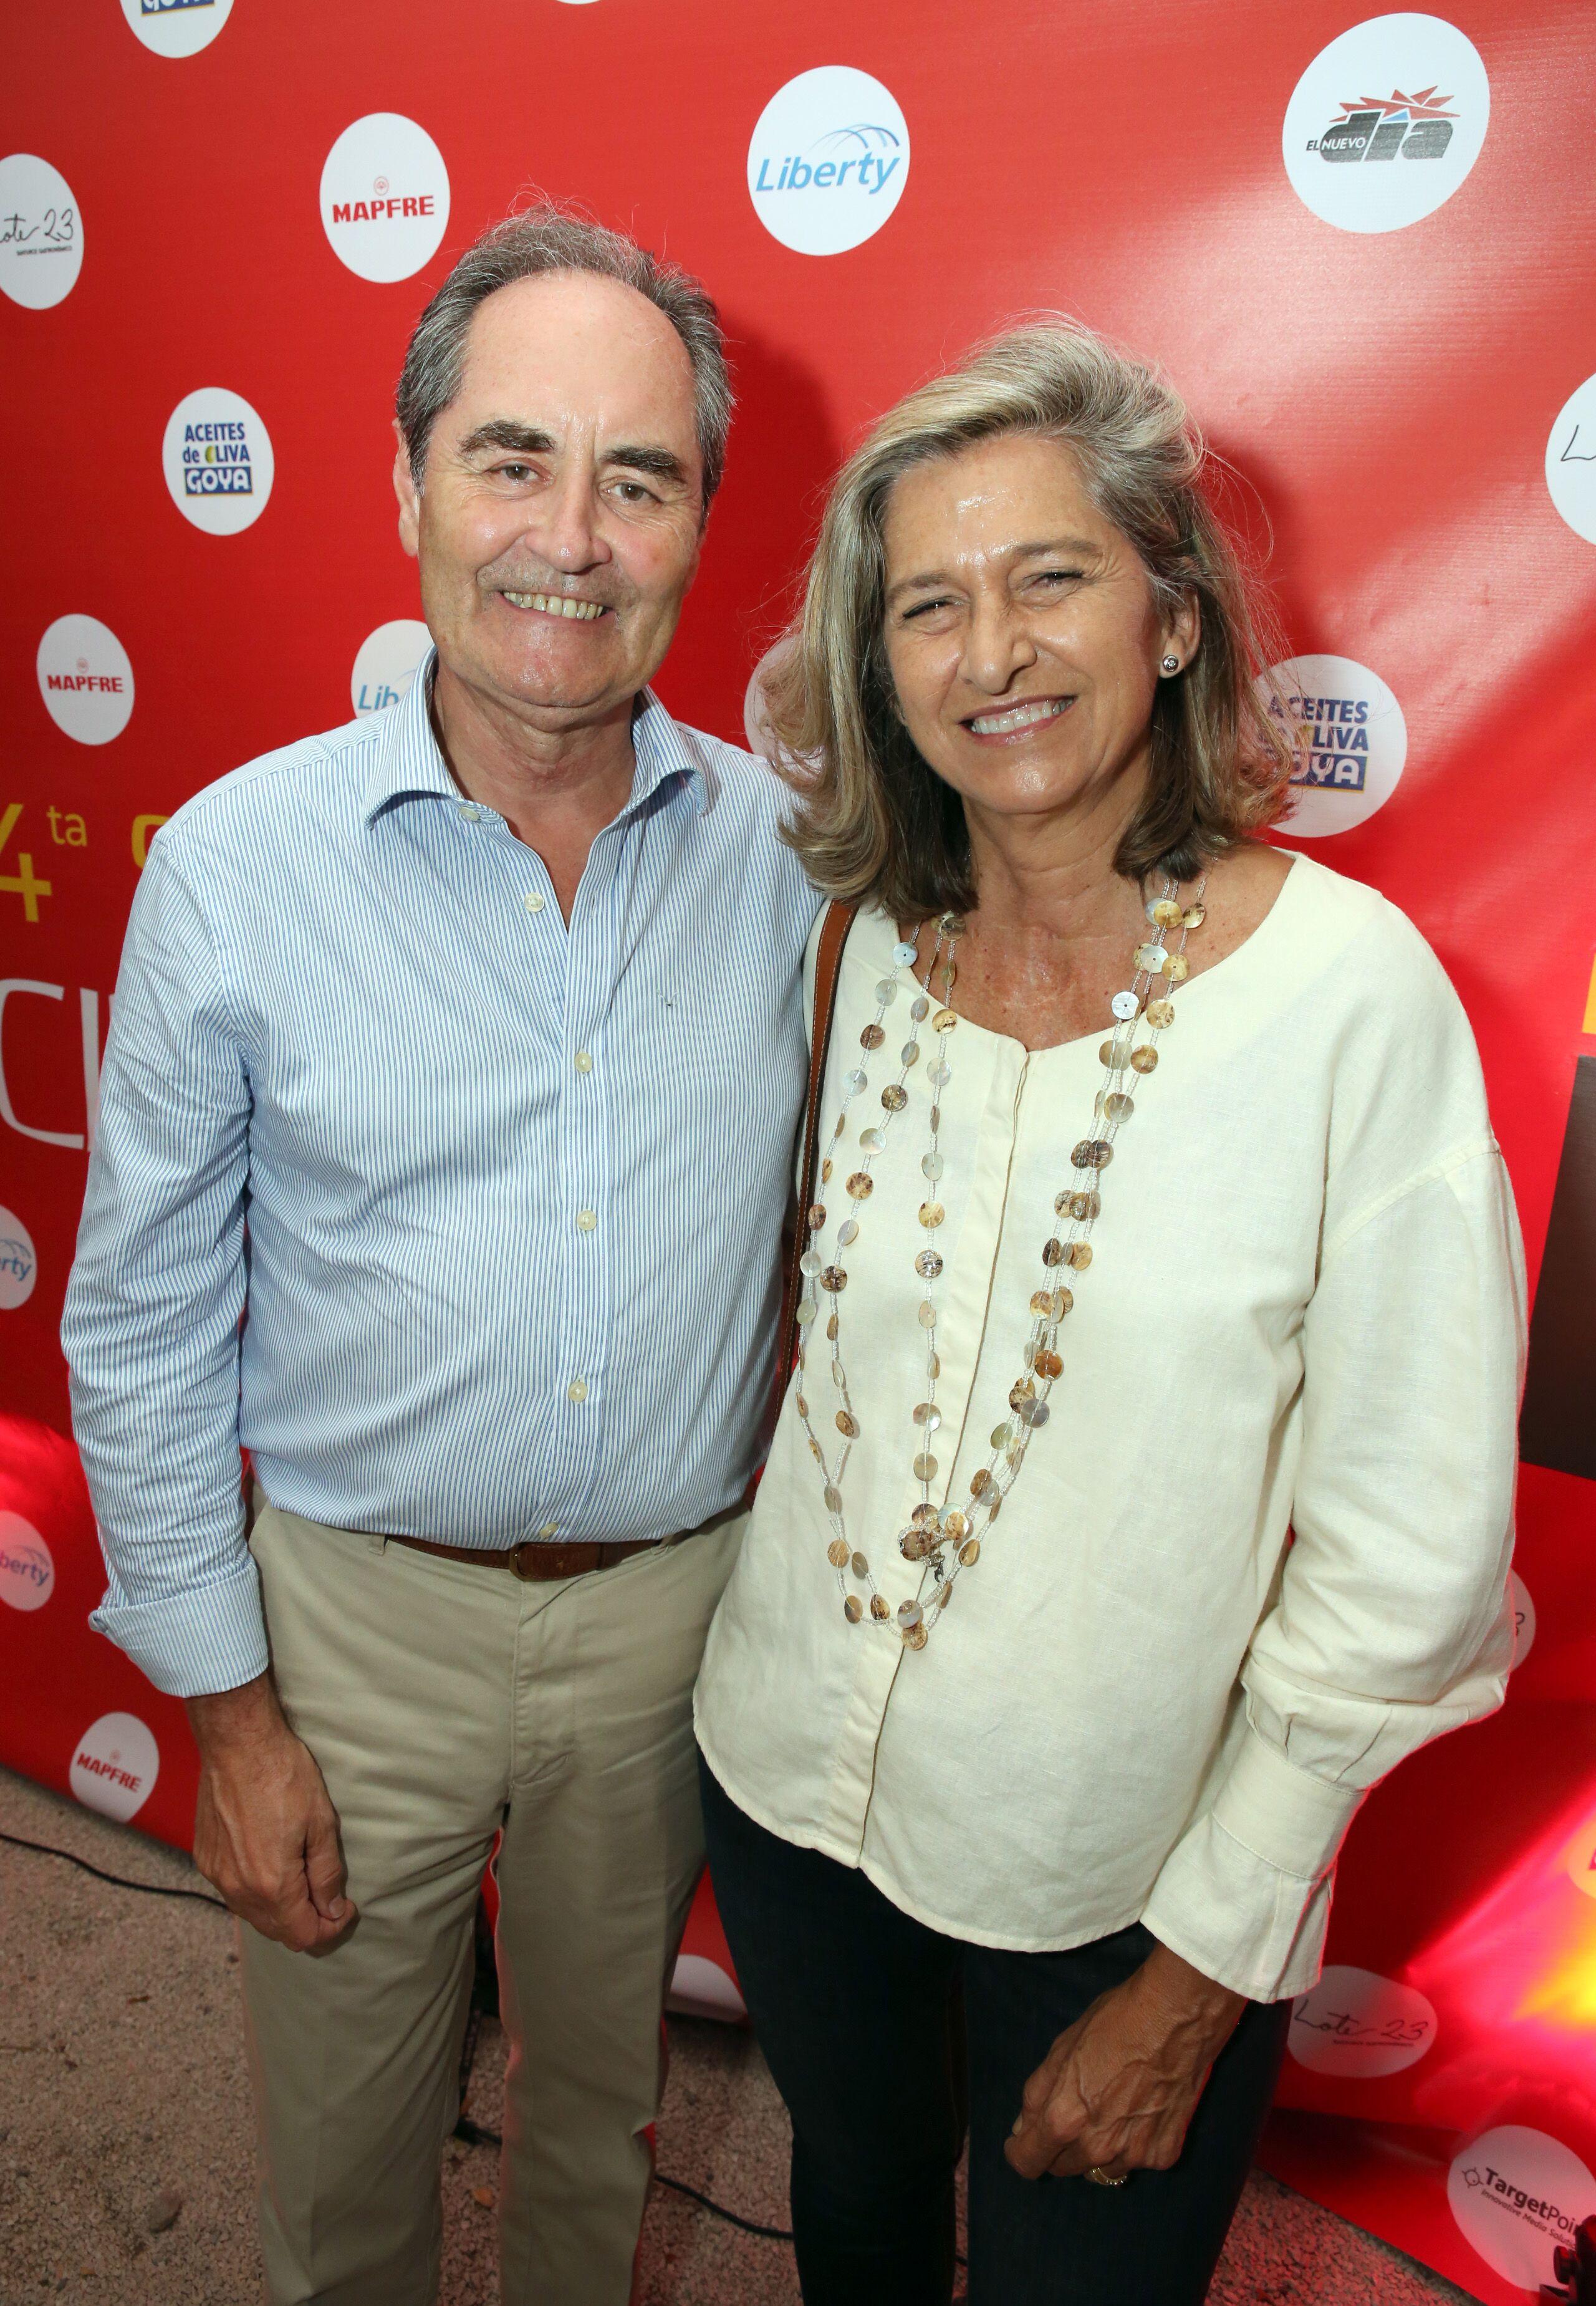 El cónsul de España en Puerto Rico, Miguel Benzo, y su esposa Fabiola Coloma asistieron al evento. (Suministrada)